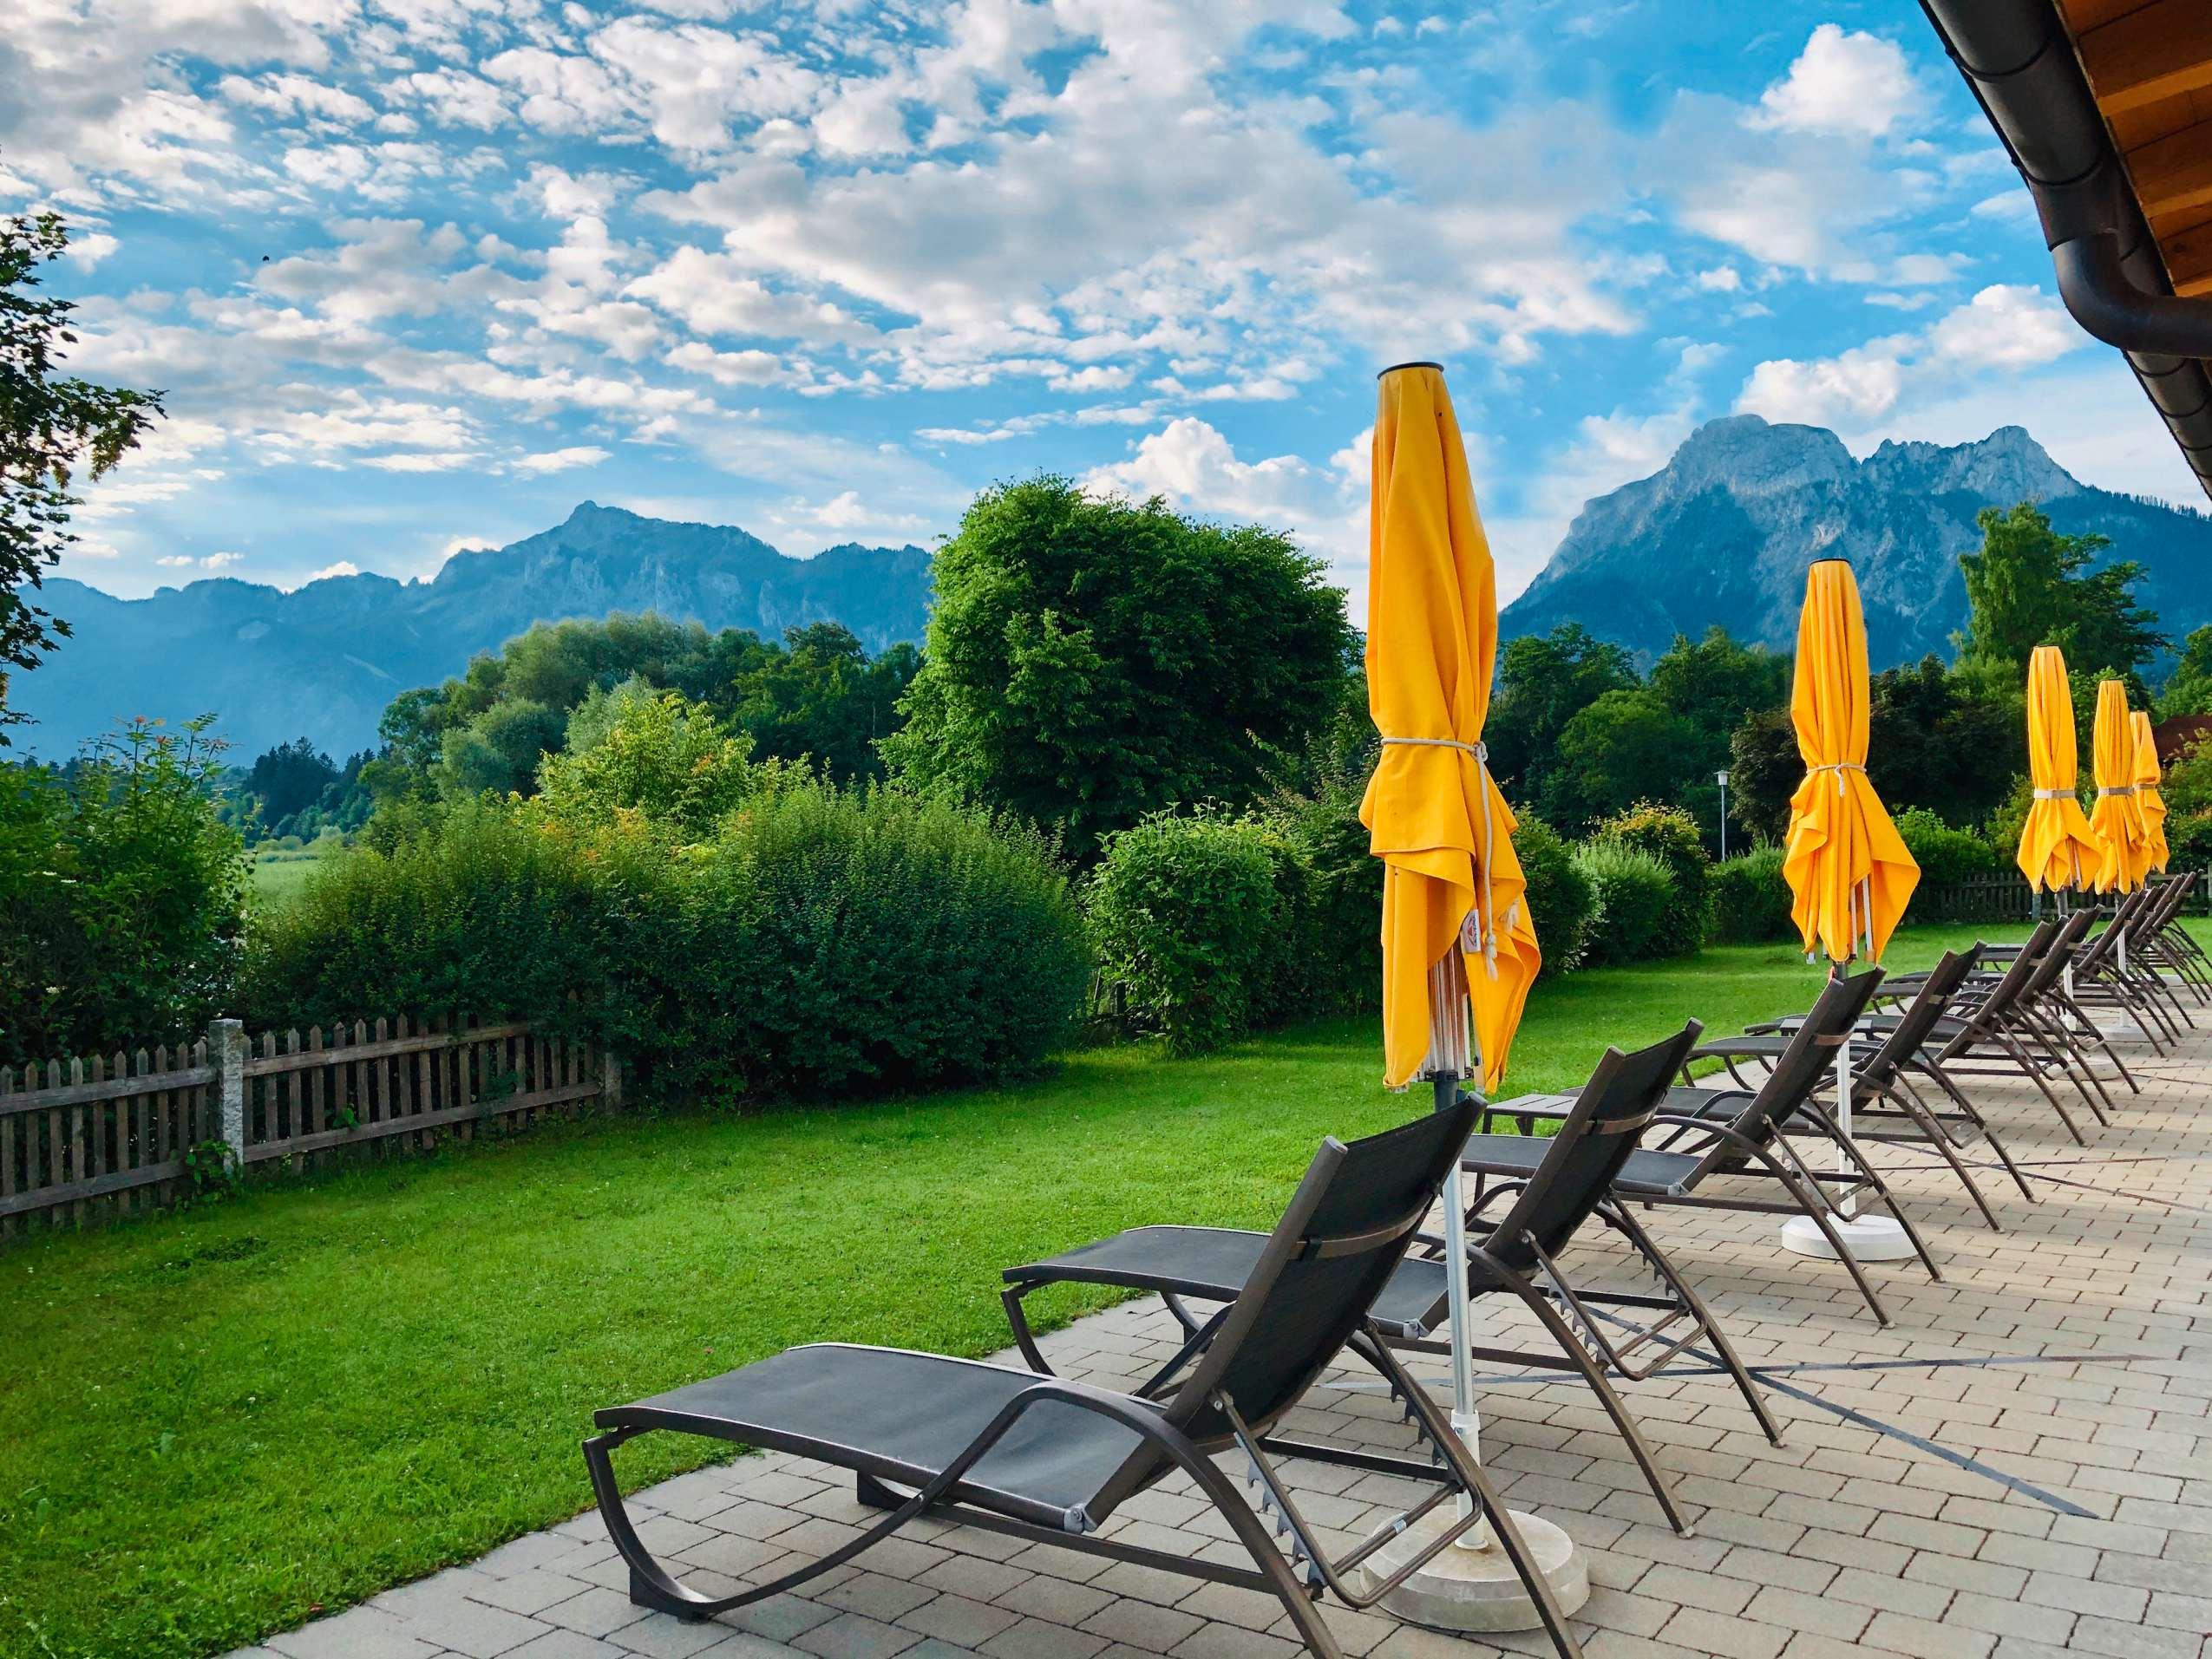 Terrasse mit Liegestühlen und Blick auf die Berge